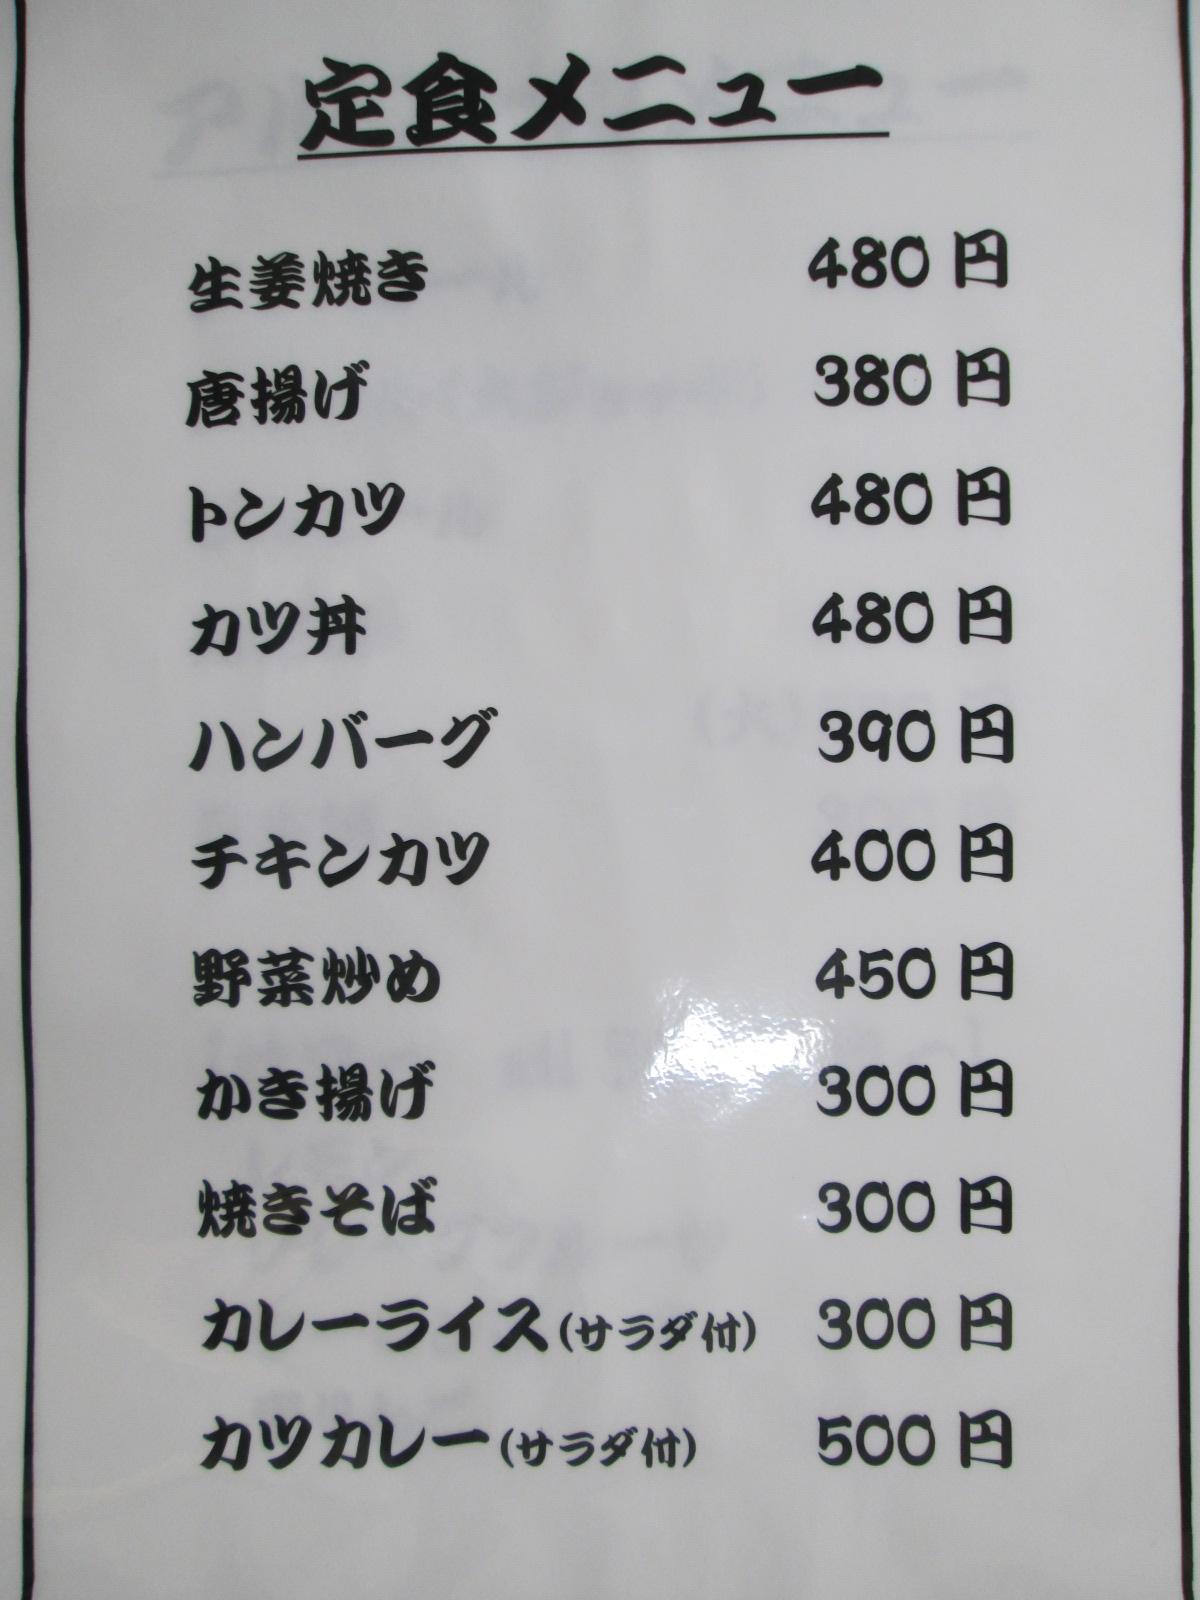 食の駅 スズラン